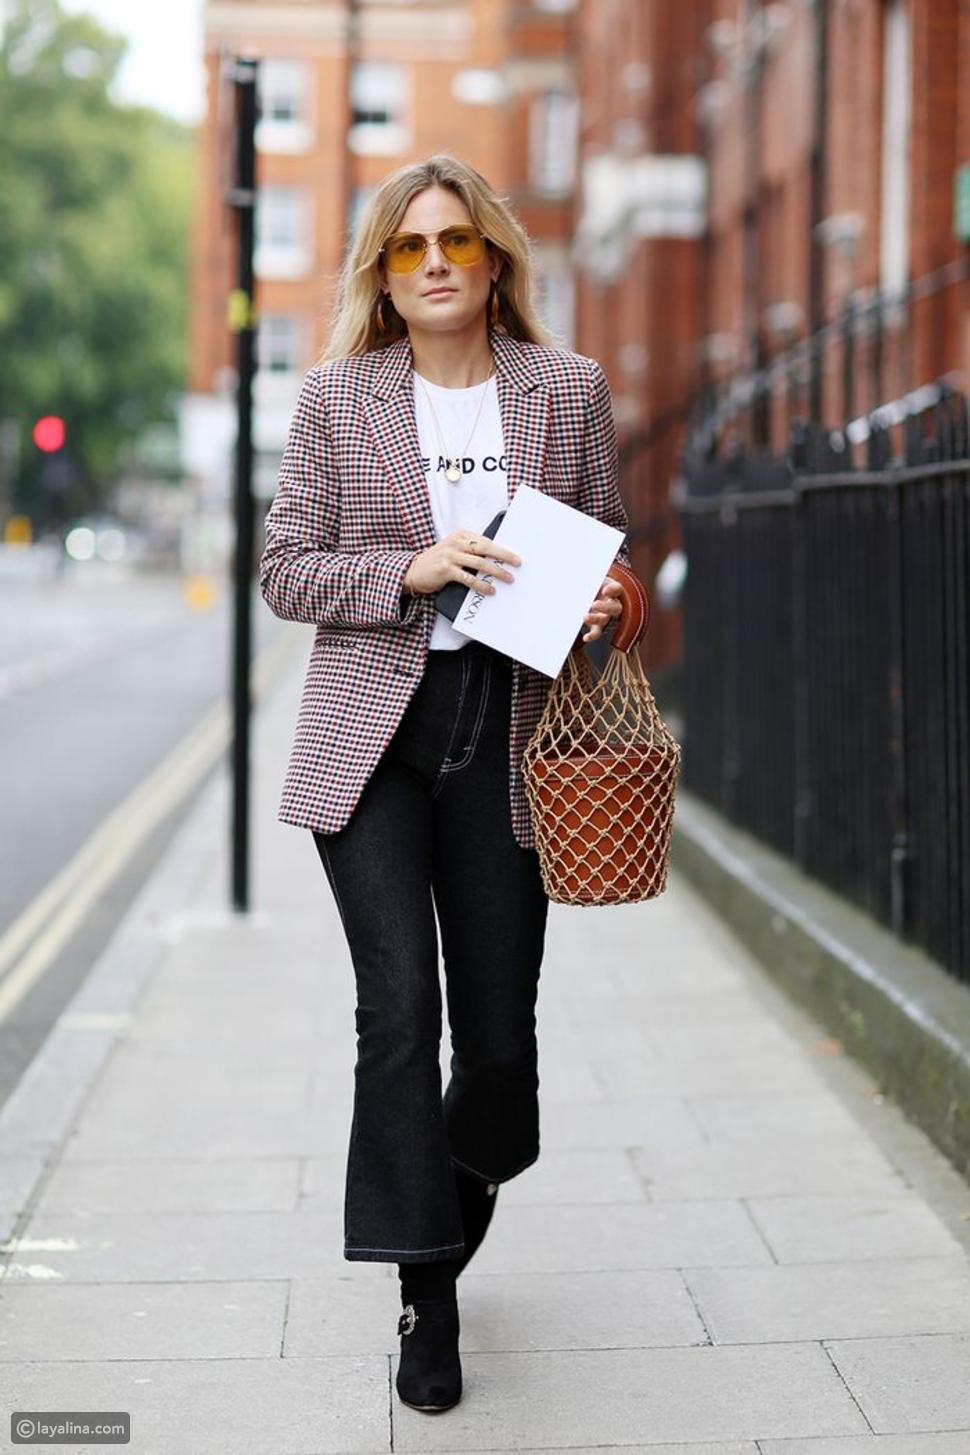 أخطاء في الموضة لا يجب أن ترتكبيها بعد الآن: البدلة ذات اللون الواحد